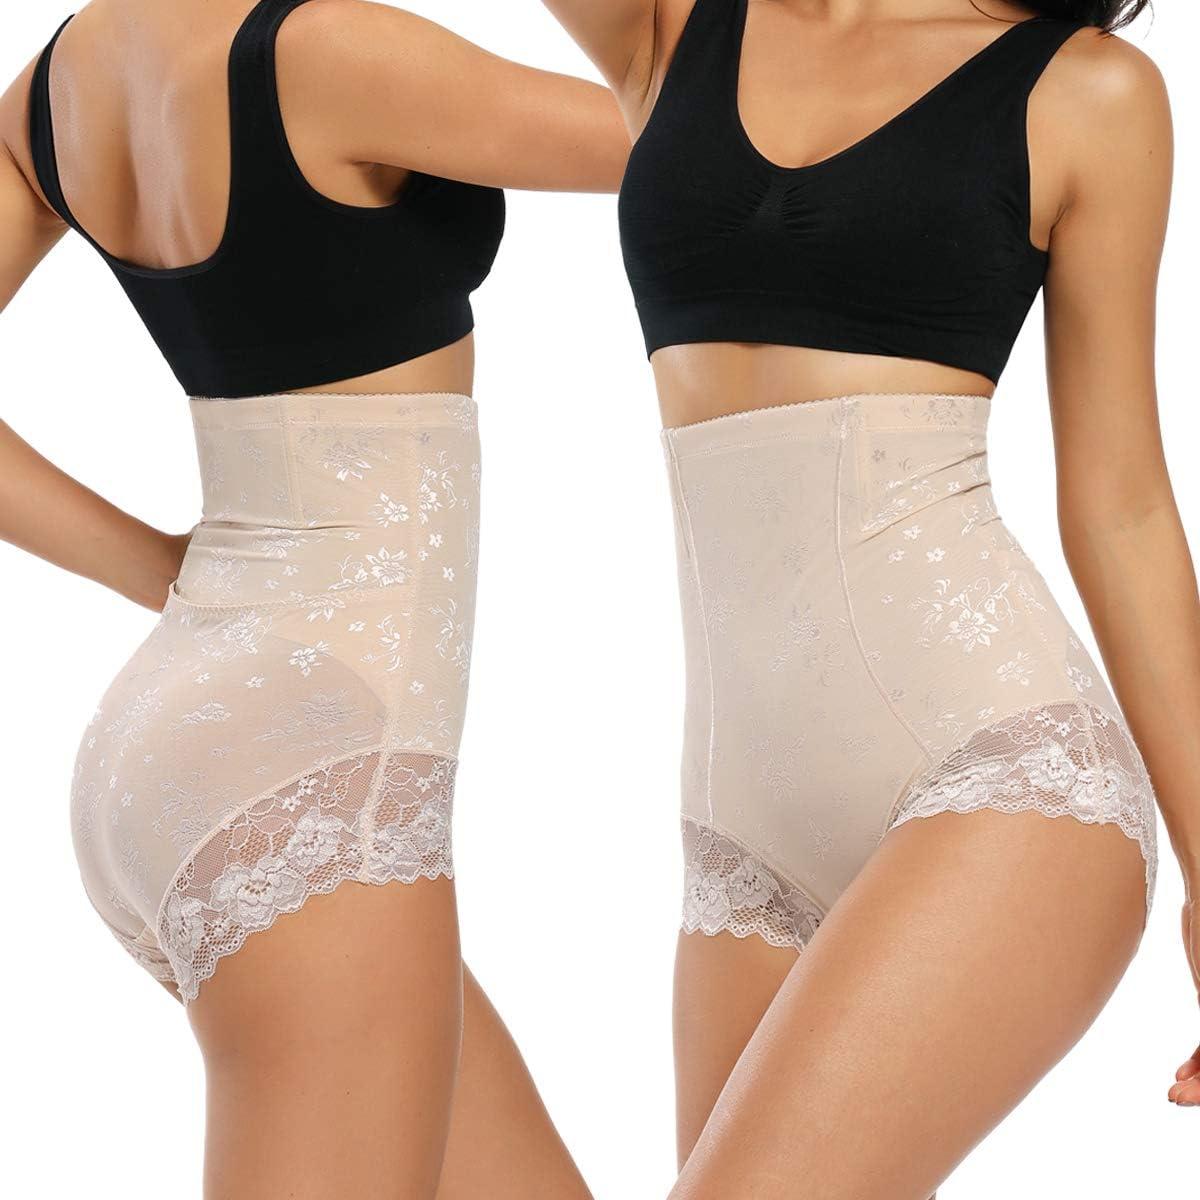 WOWENY Damen Miederslip Bauch Weg Taillenformer Shapewear Figurformende Miederhose Unterw/äsche Taillenslip Formslip Easy Off Lace Slimming Slips